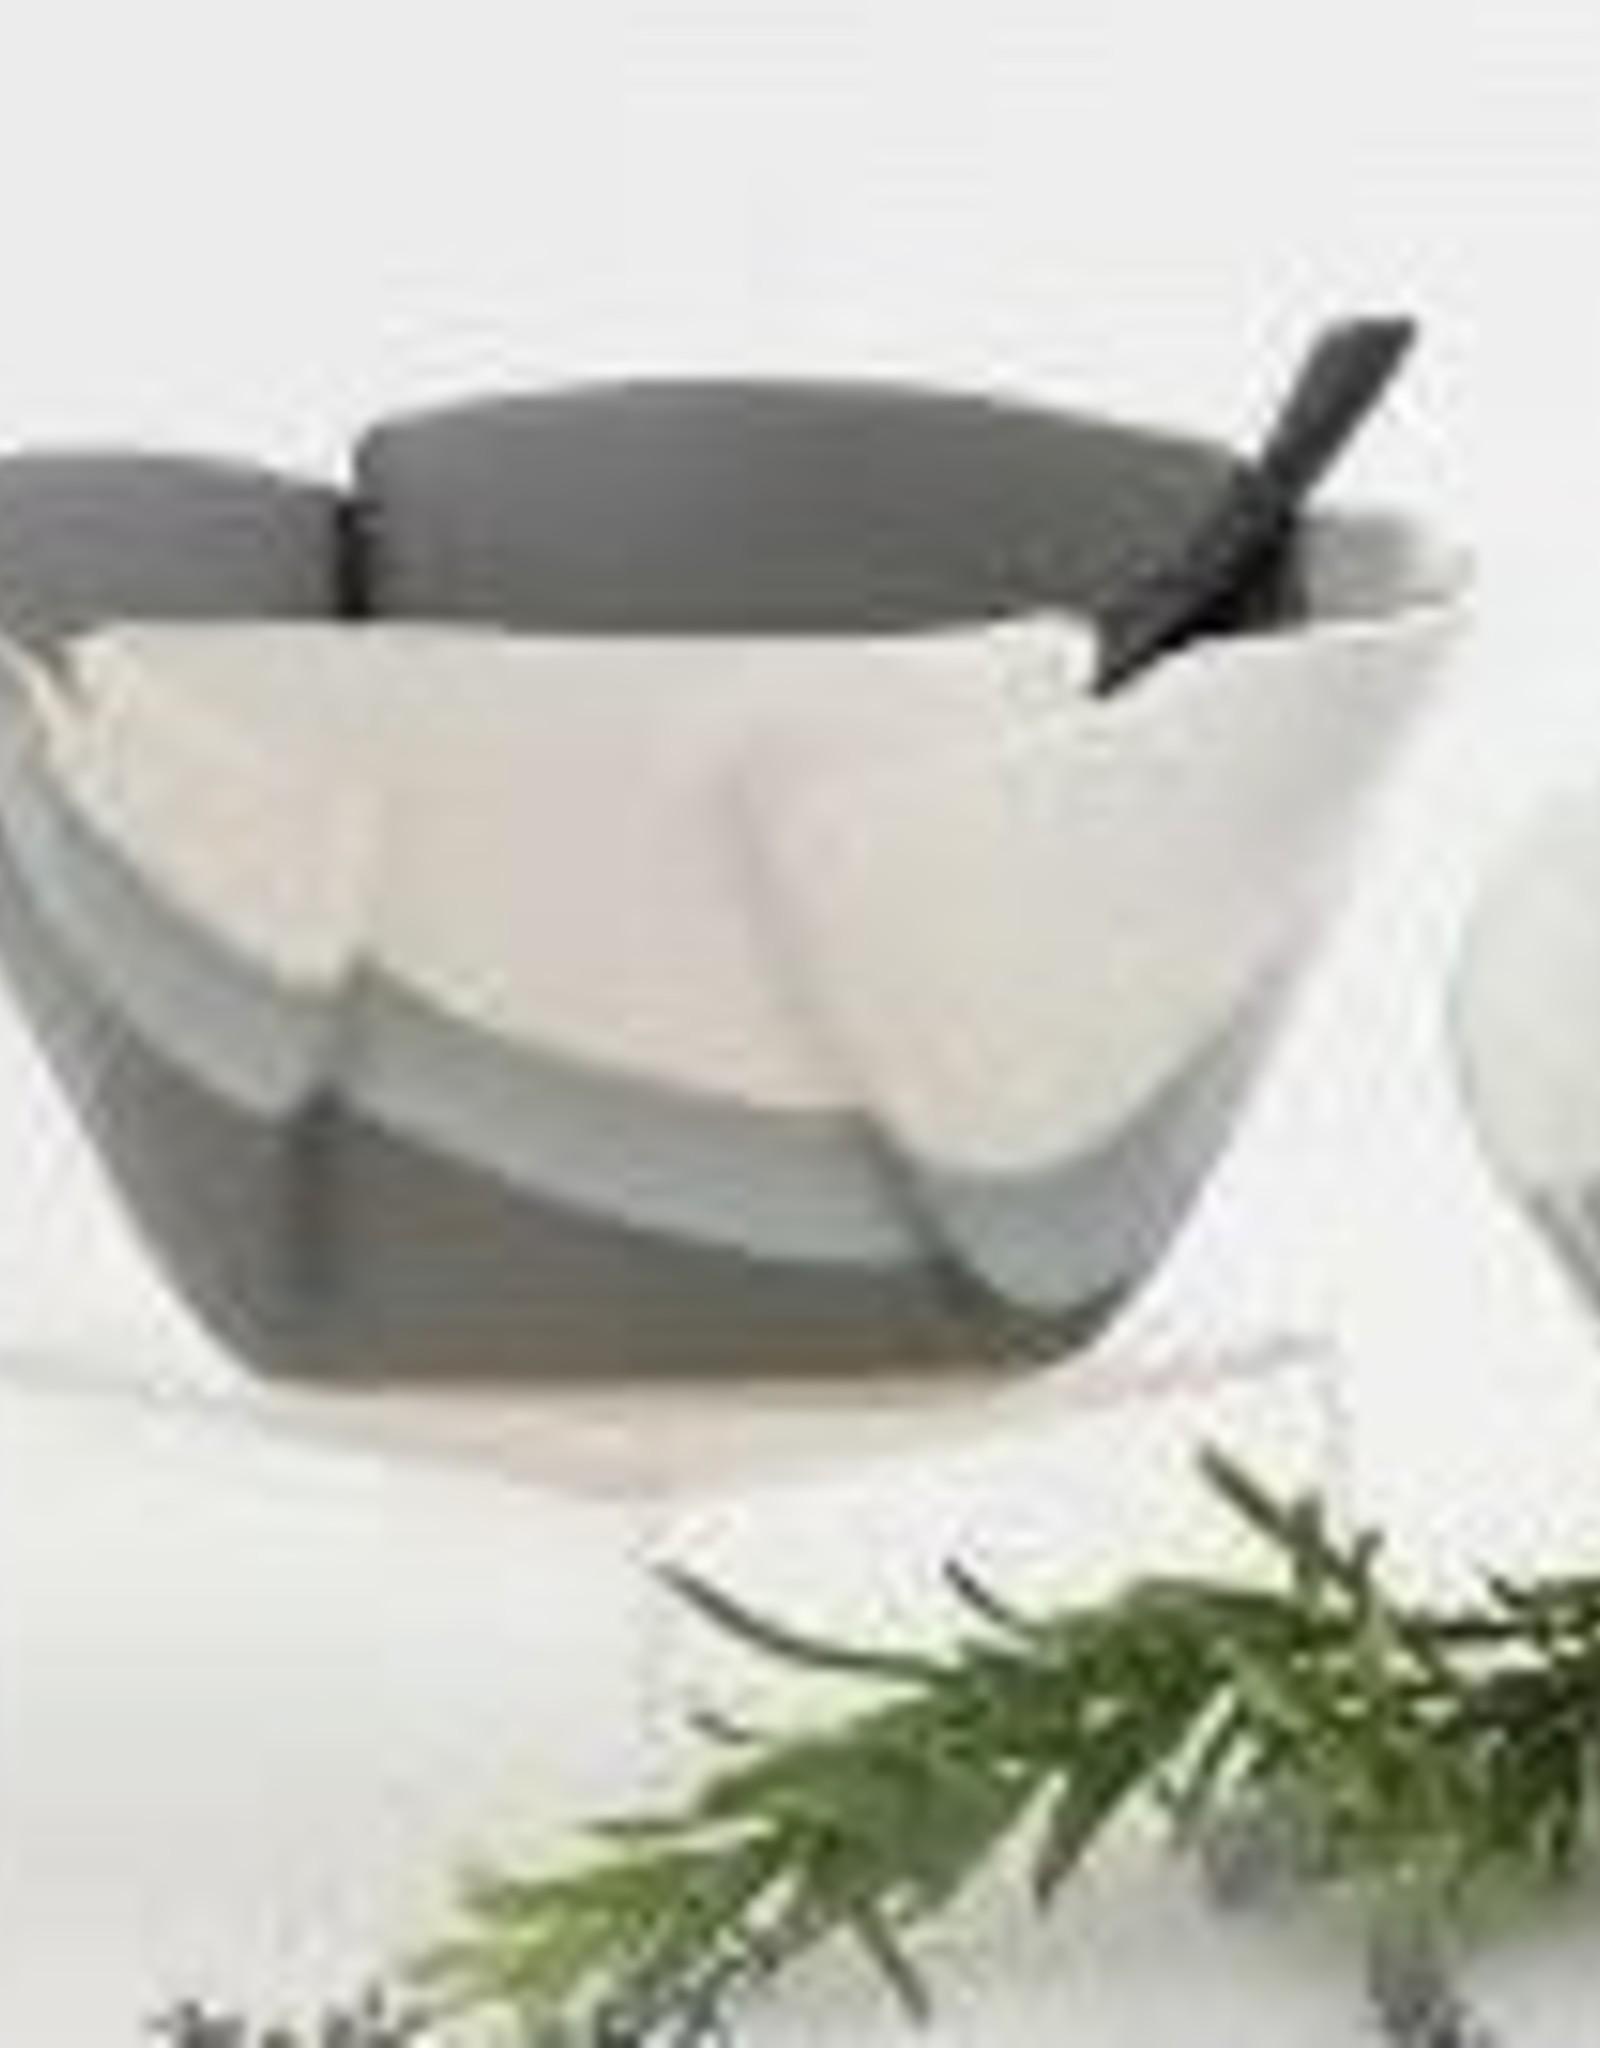 Hilborn Pottery Tiny Pot Pottery Dish